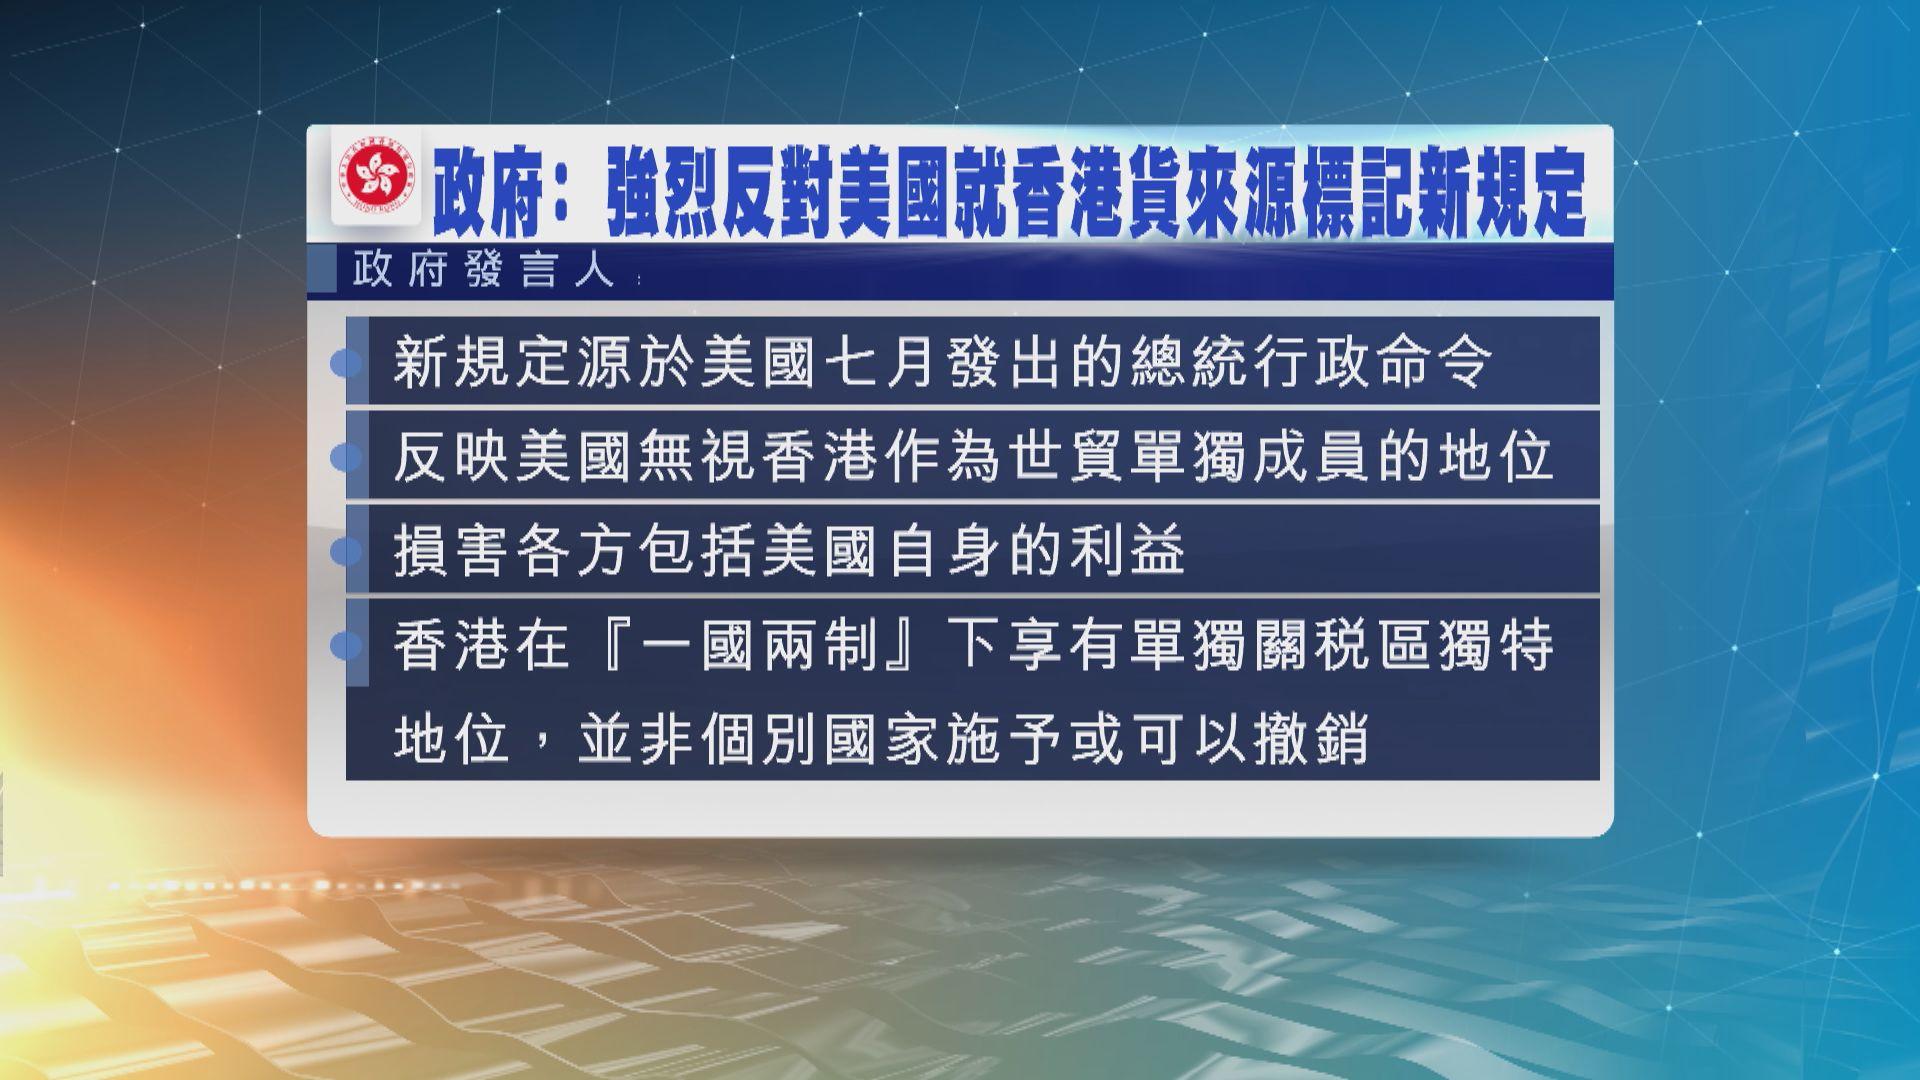 特區政府強烈反對美國對香港貨品產地來源標記的新規定